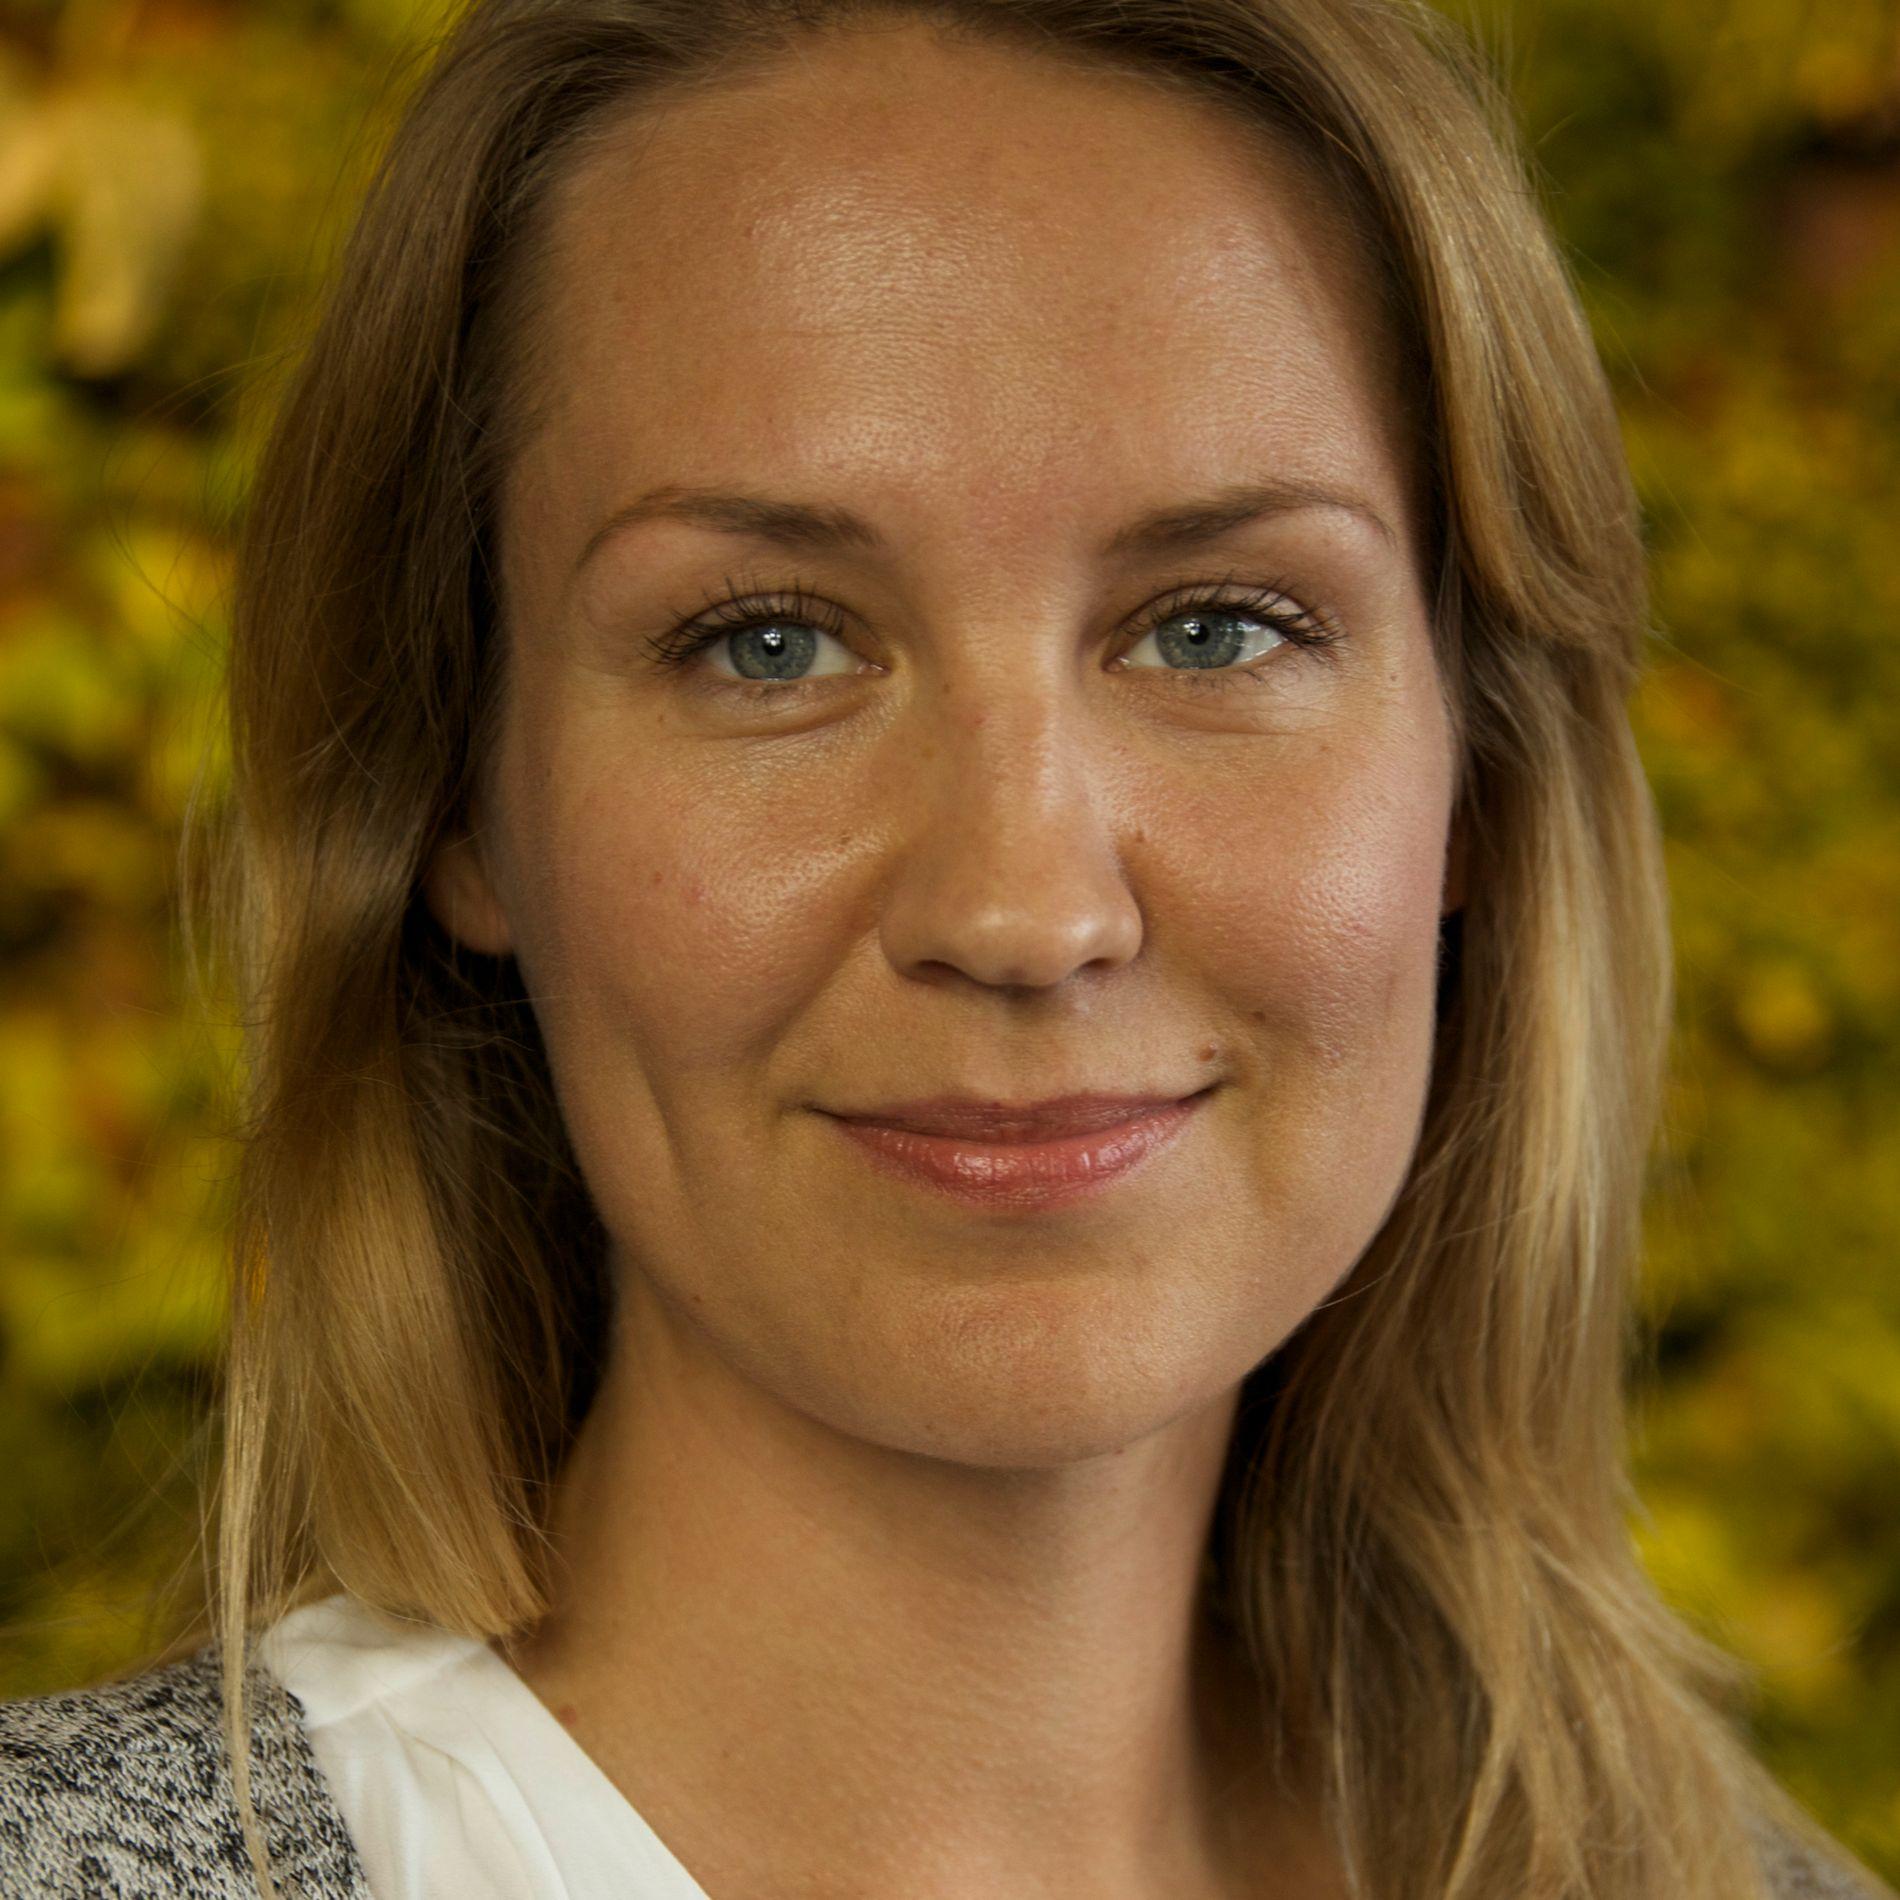 Kaisa Sogge-Hautala